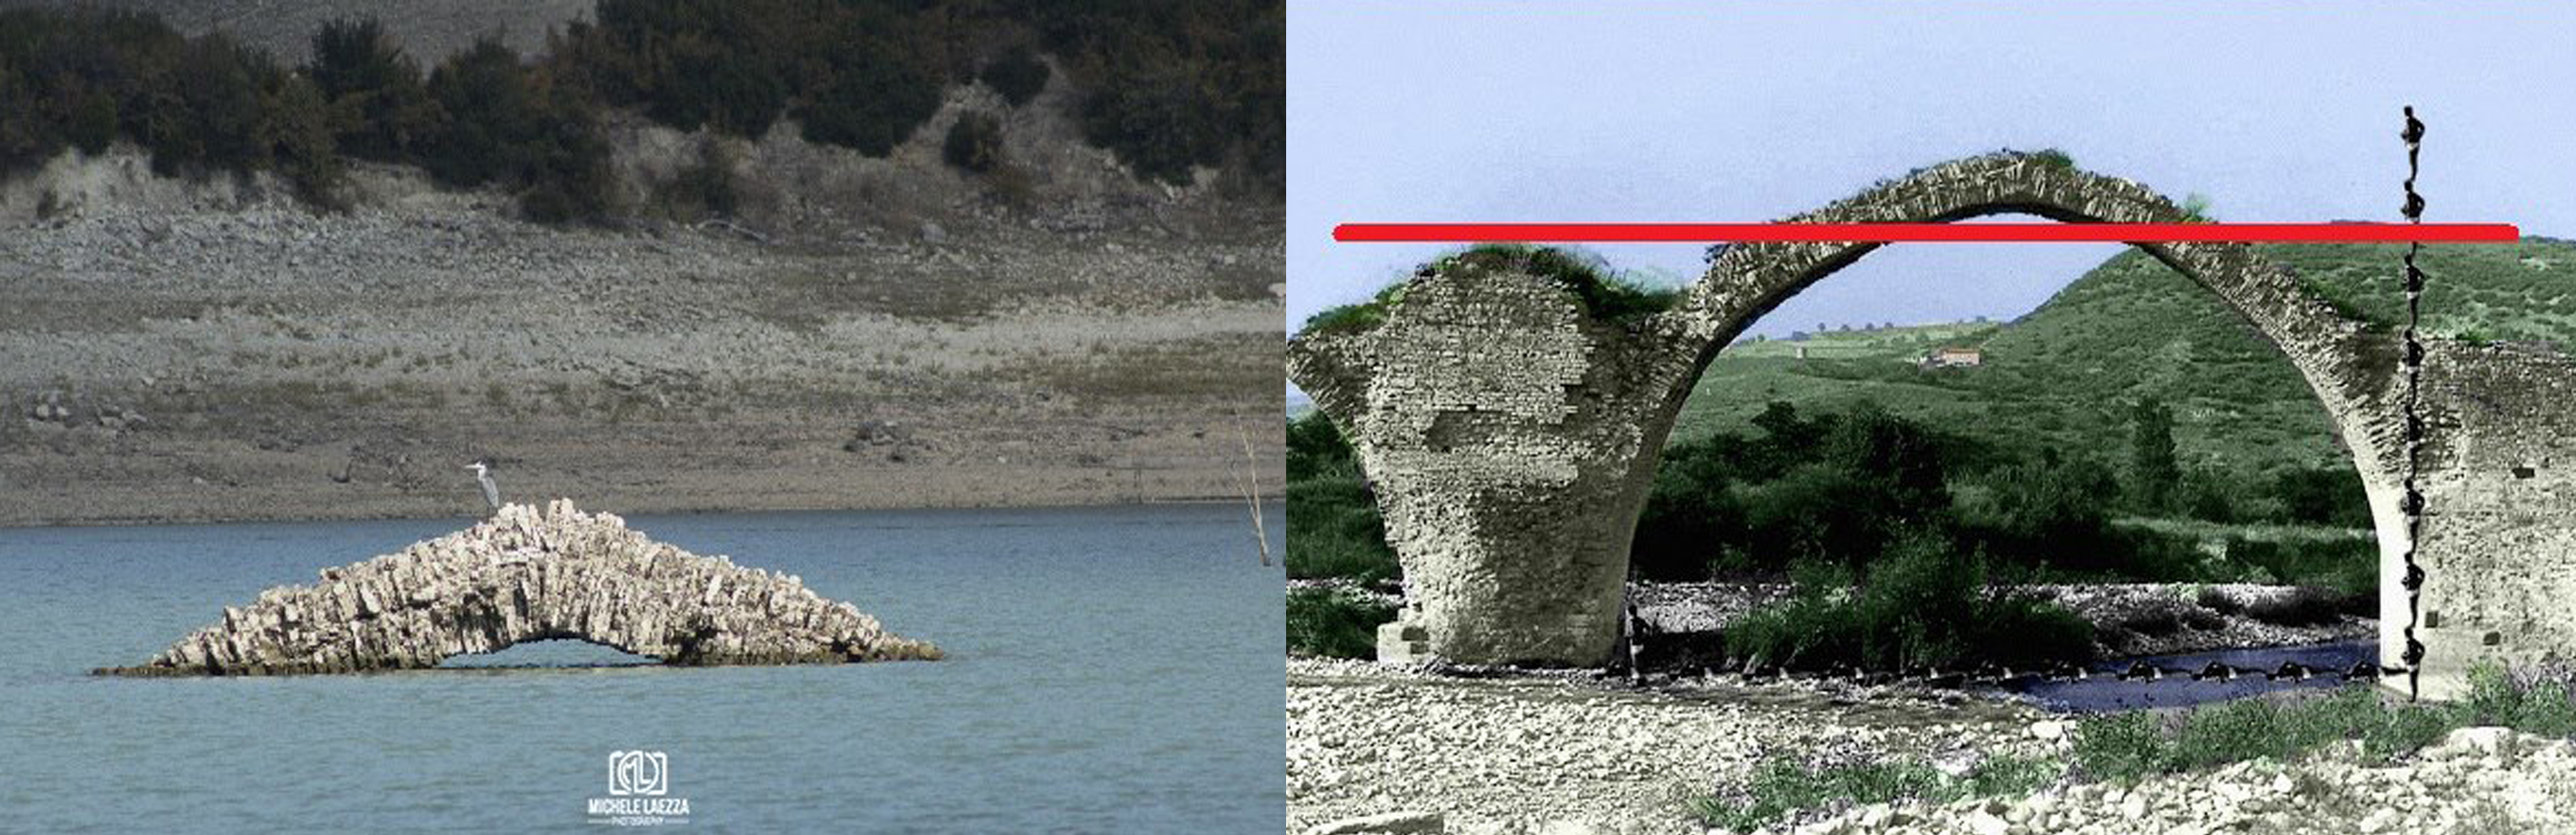 Lago di Guardialfiera e siccità, si 'rivede' il ponte di Annibale